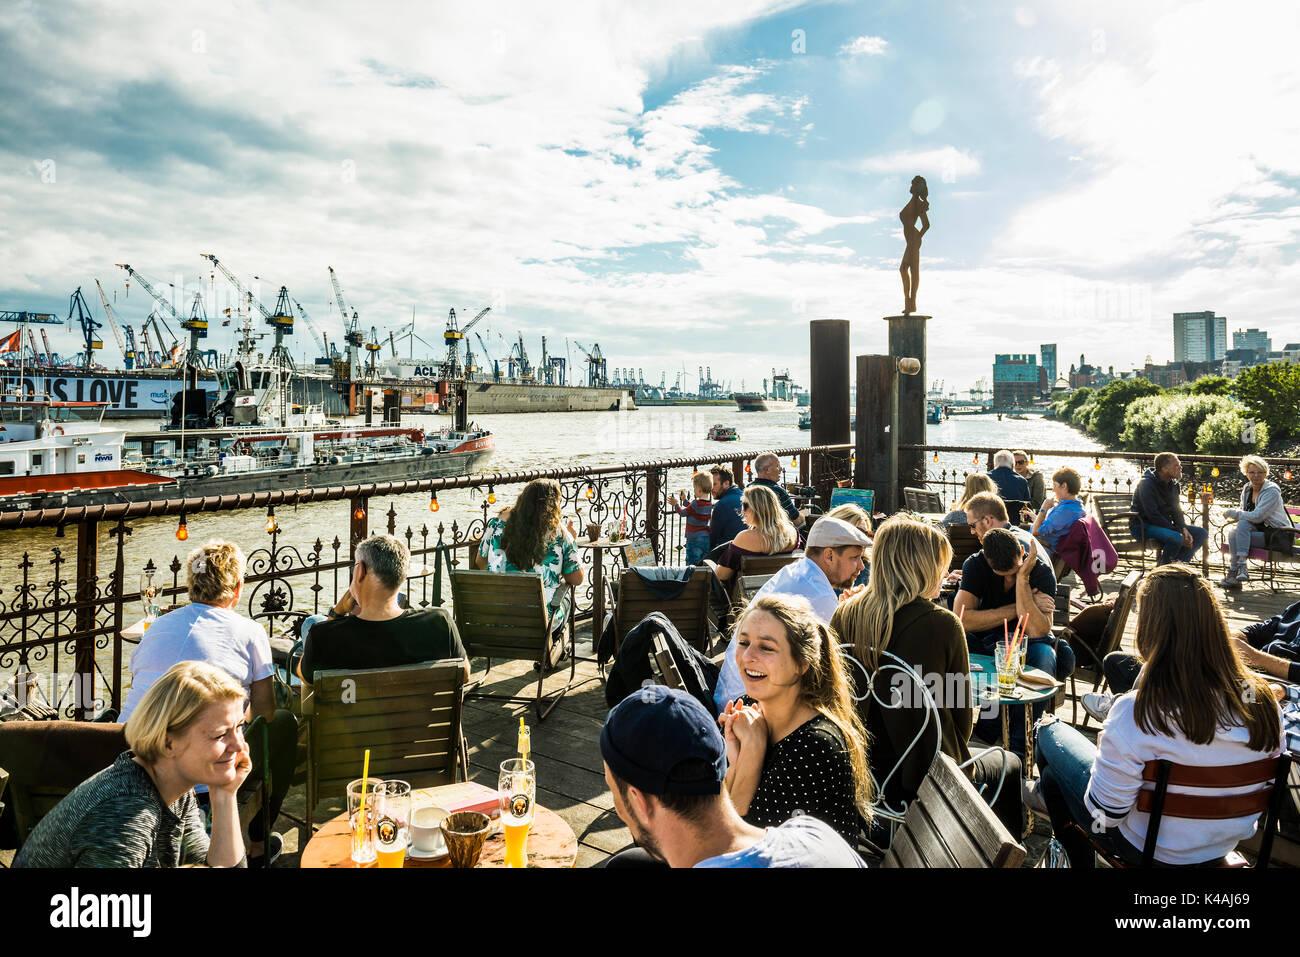 Beach Club Strand Pauli, at the jetties in the Port of Hamburg, Hamburg, Germany - Stock Image